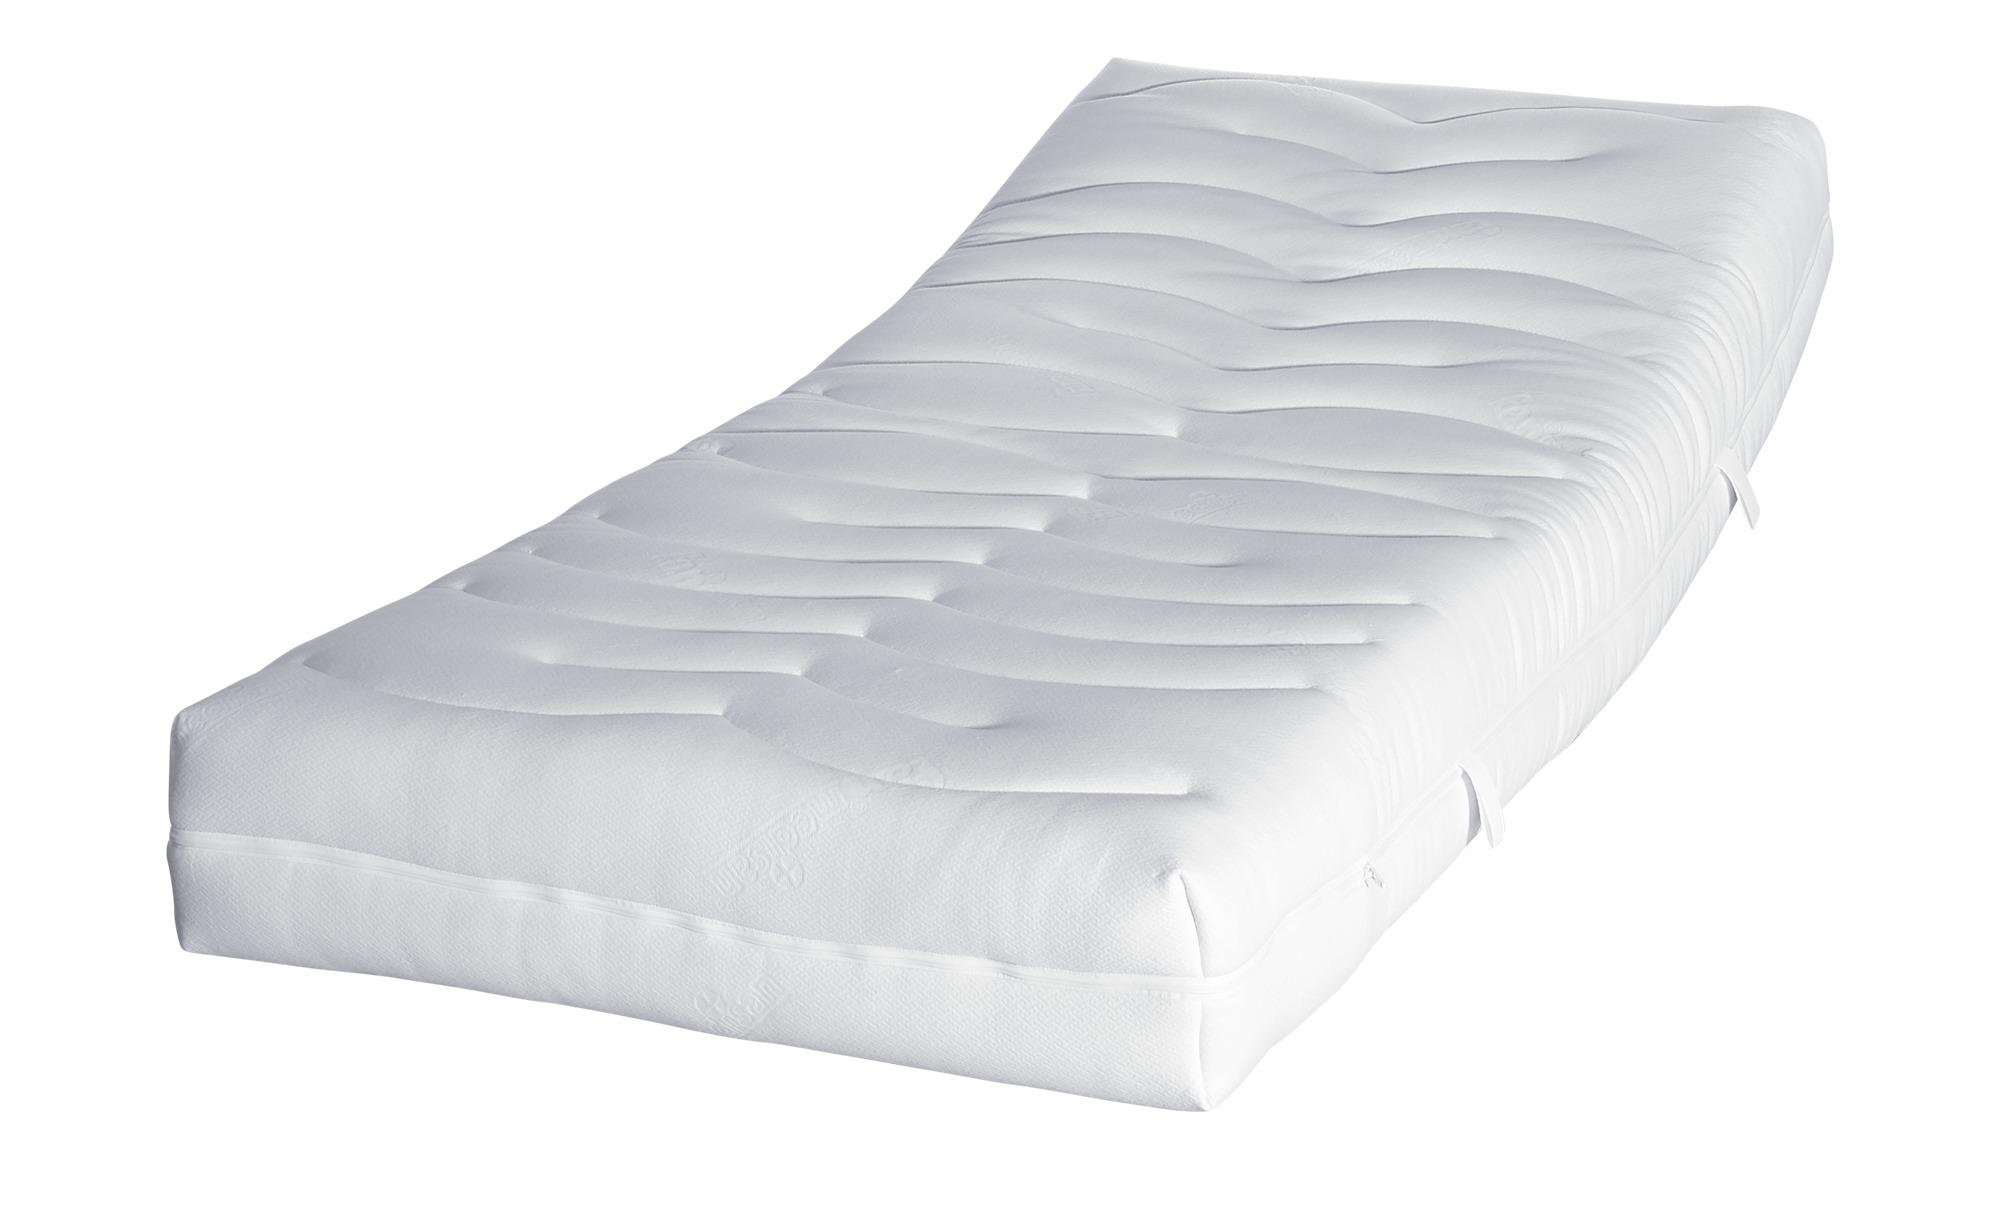 Viscoschaummatratze  Medisan Luxus VS - weiß - 120 cm - 20 cm - 200 cm - Sconto   Schlafzimmer > Matratzen > Viscoschaum-Matratzen   Sconto